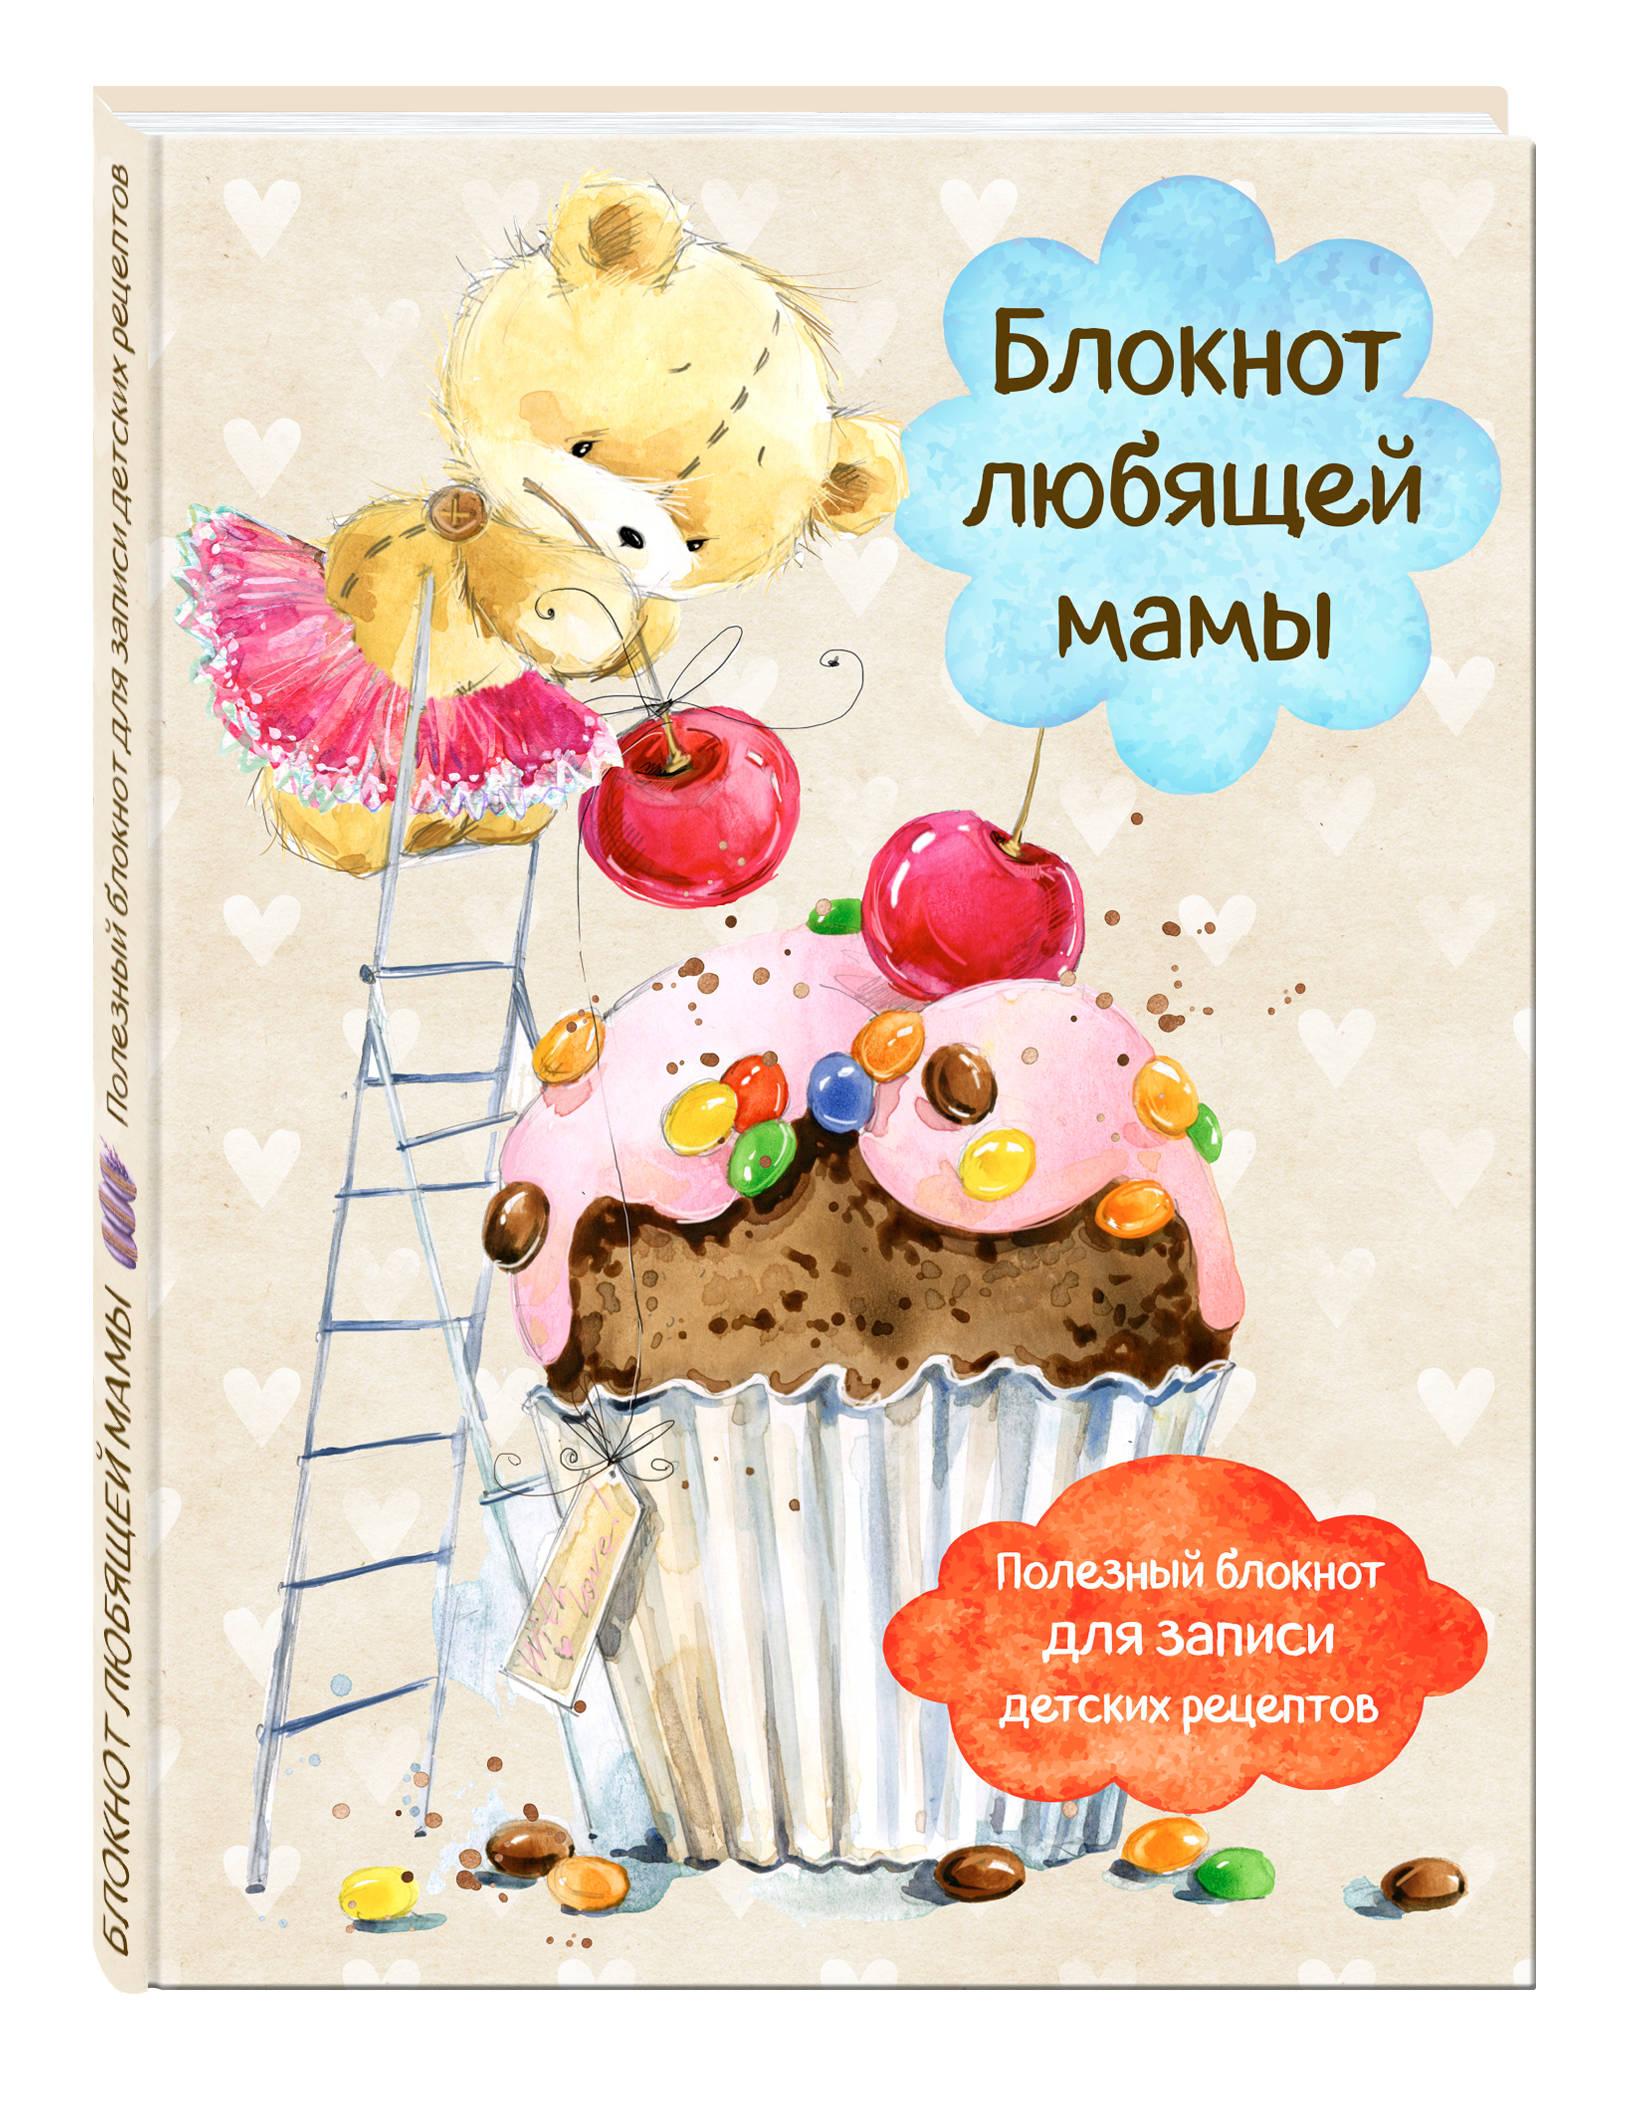 Блокнот любящей мамы. Полезные блокноты для записи детских рецептов (Капкейк и вишни) все мамы делают это полезные блокноты для записи детских рецептов овечка и звездочки